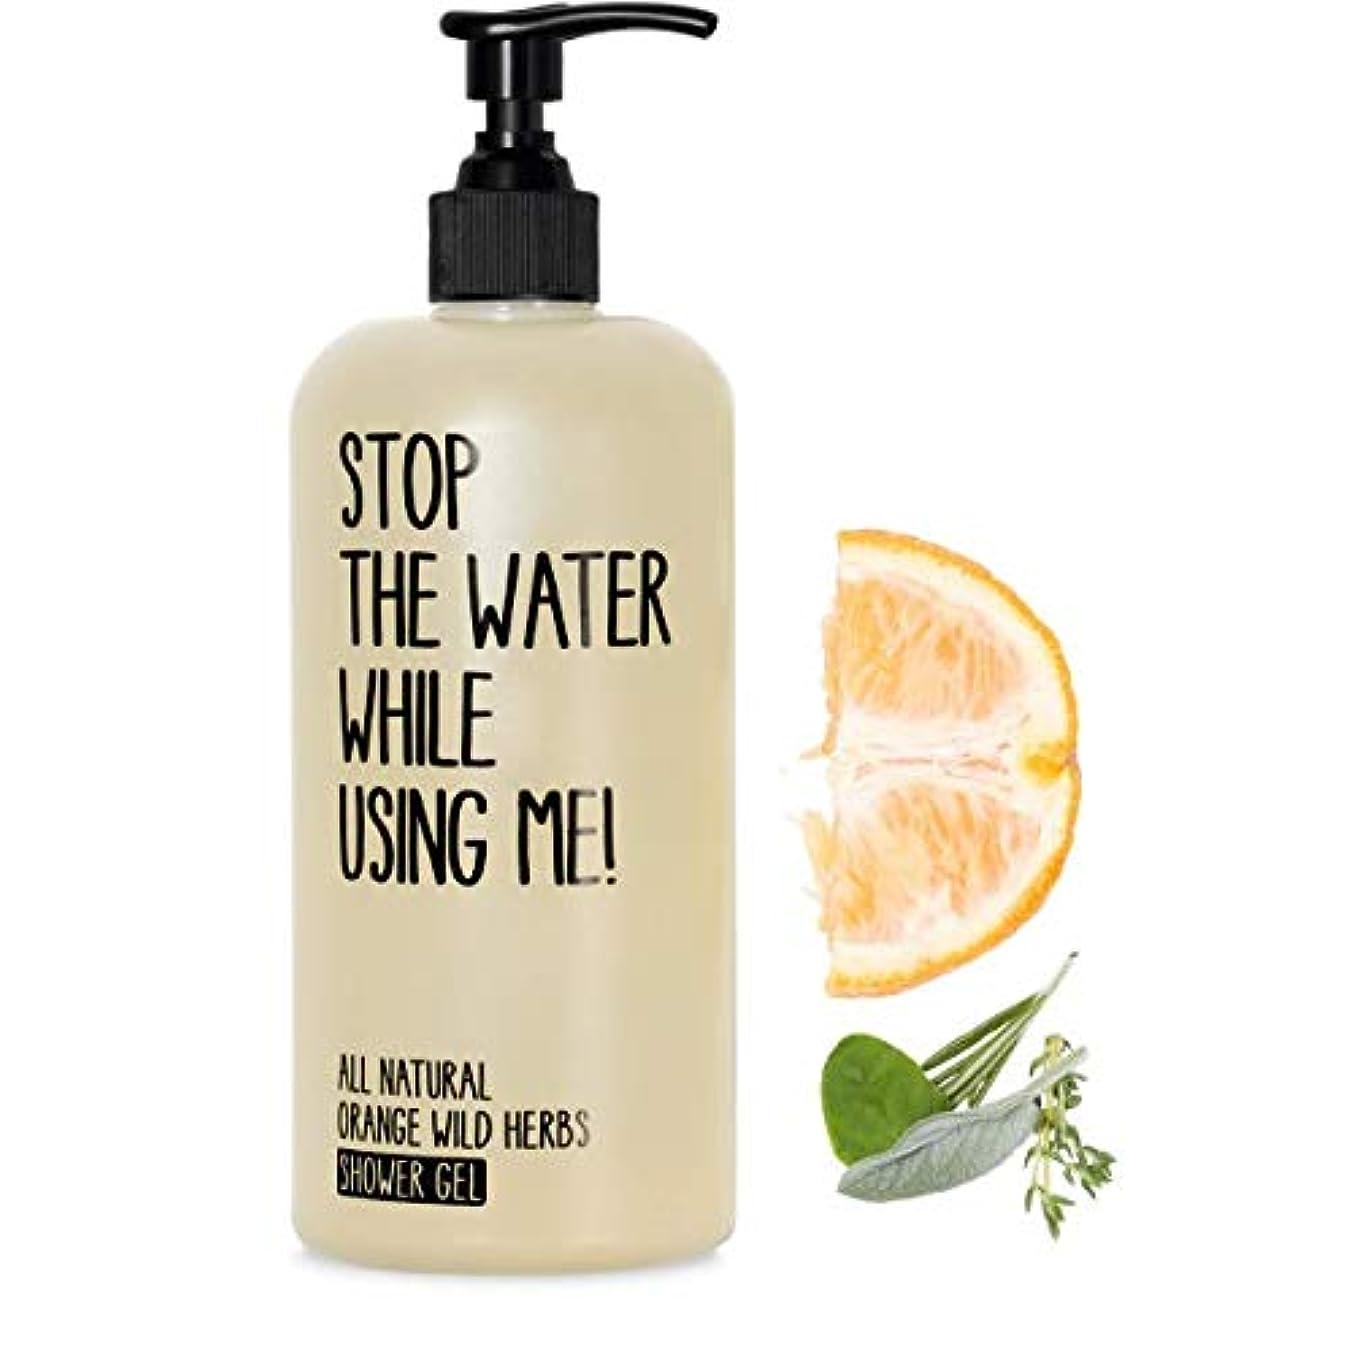 熱意加入冊子【STOP THE WATER WHILE USING ME!】 O&WHシャワージェル(オレンジ&ワイルドハーブ) 200ml